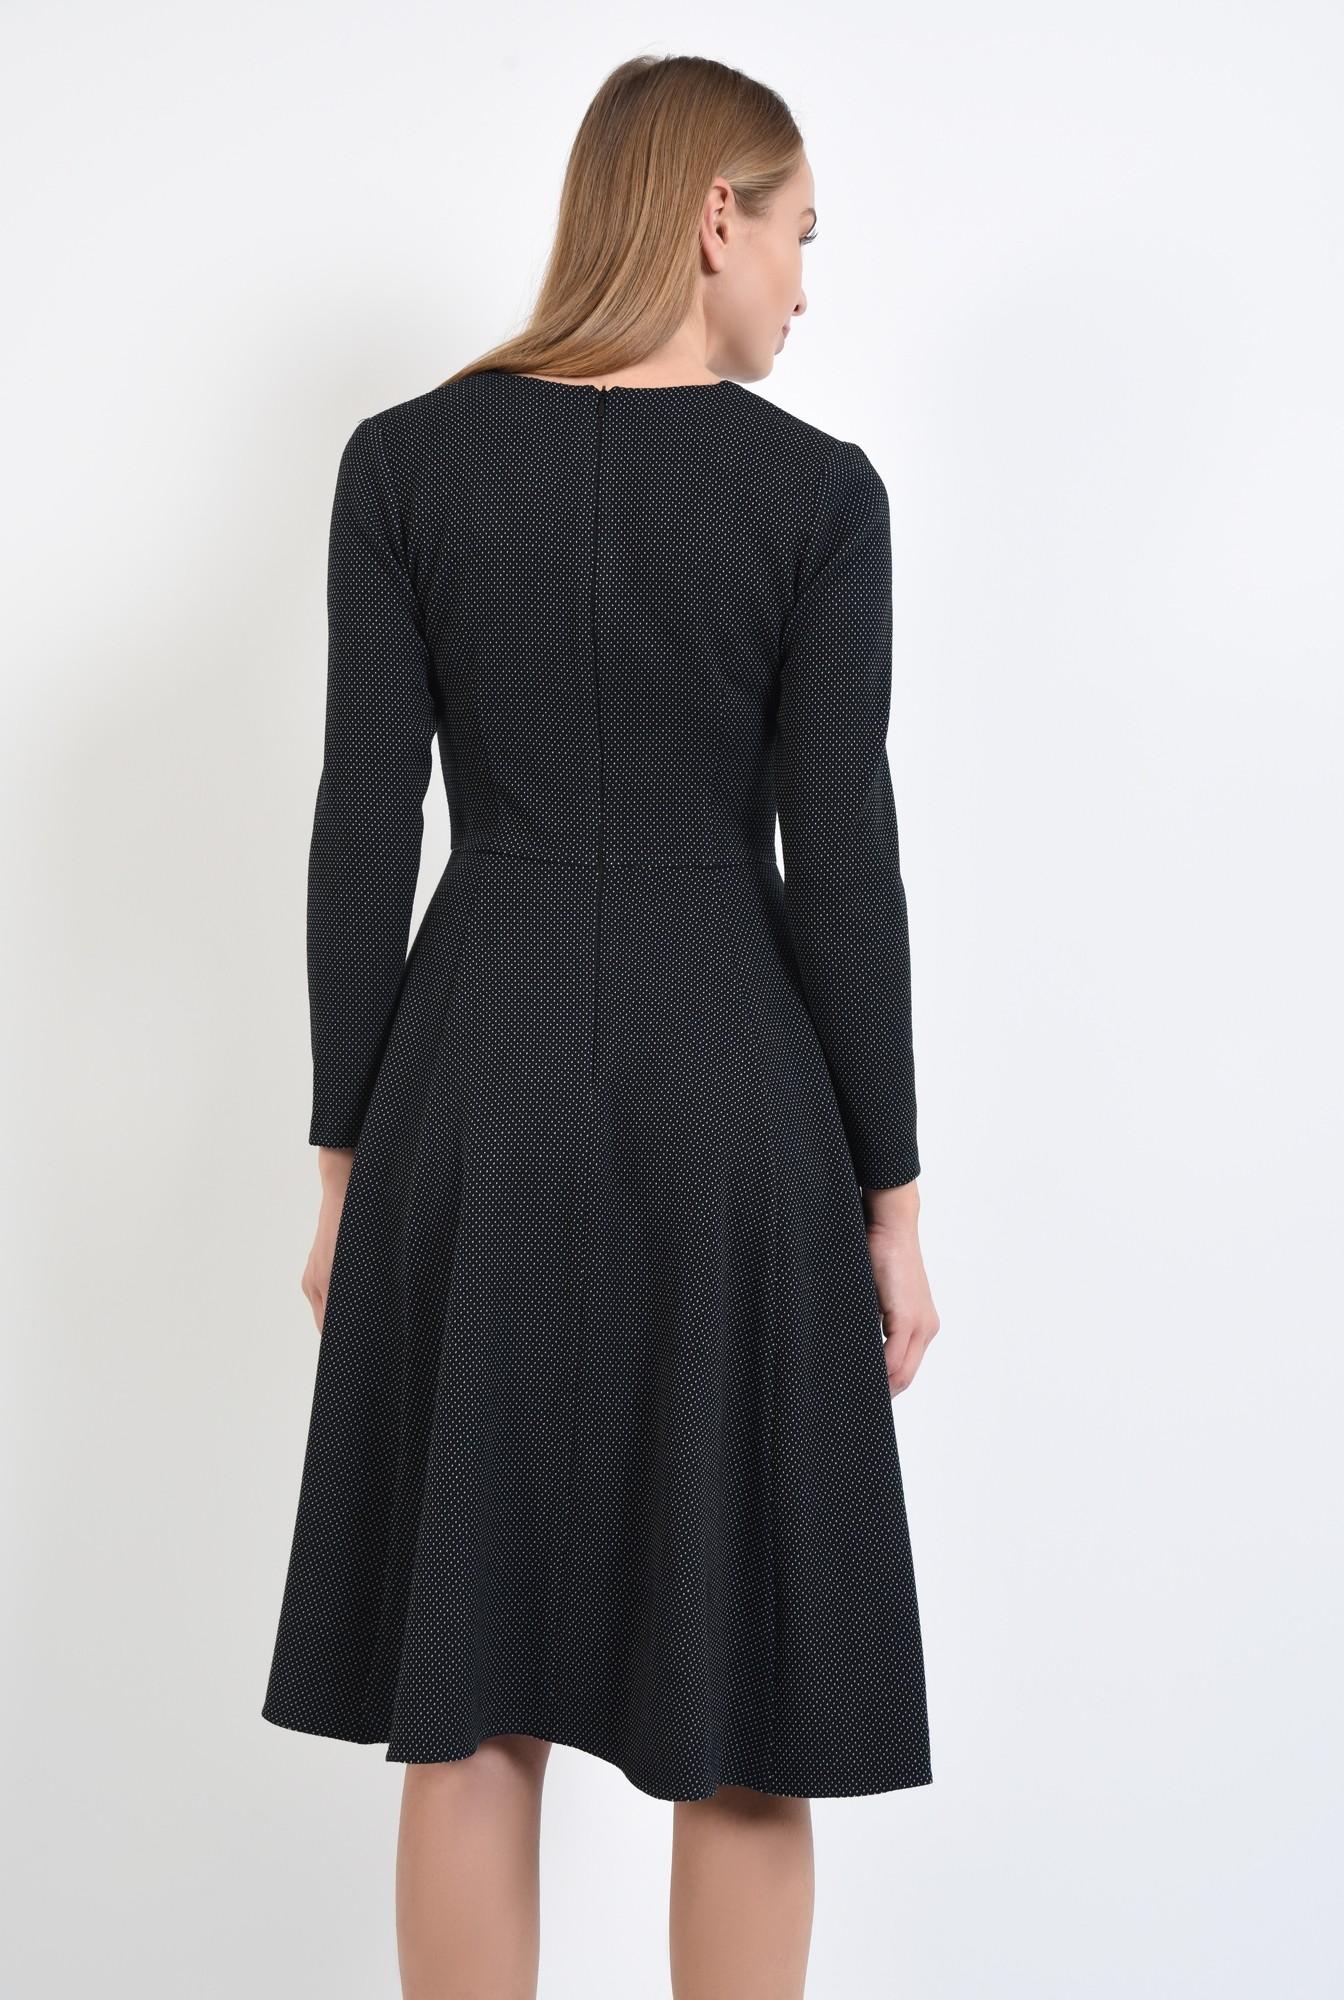 1 - 360 - rochie neagra cu picouri albe, evazata, midi, decolteu anchior